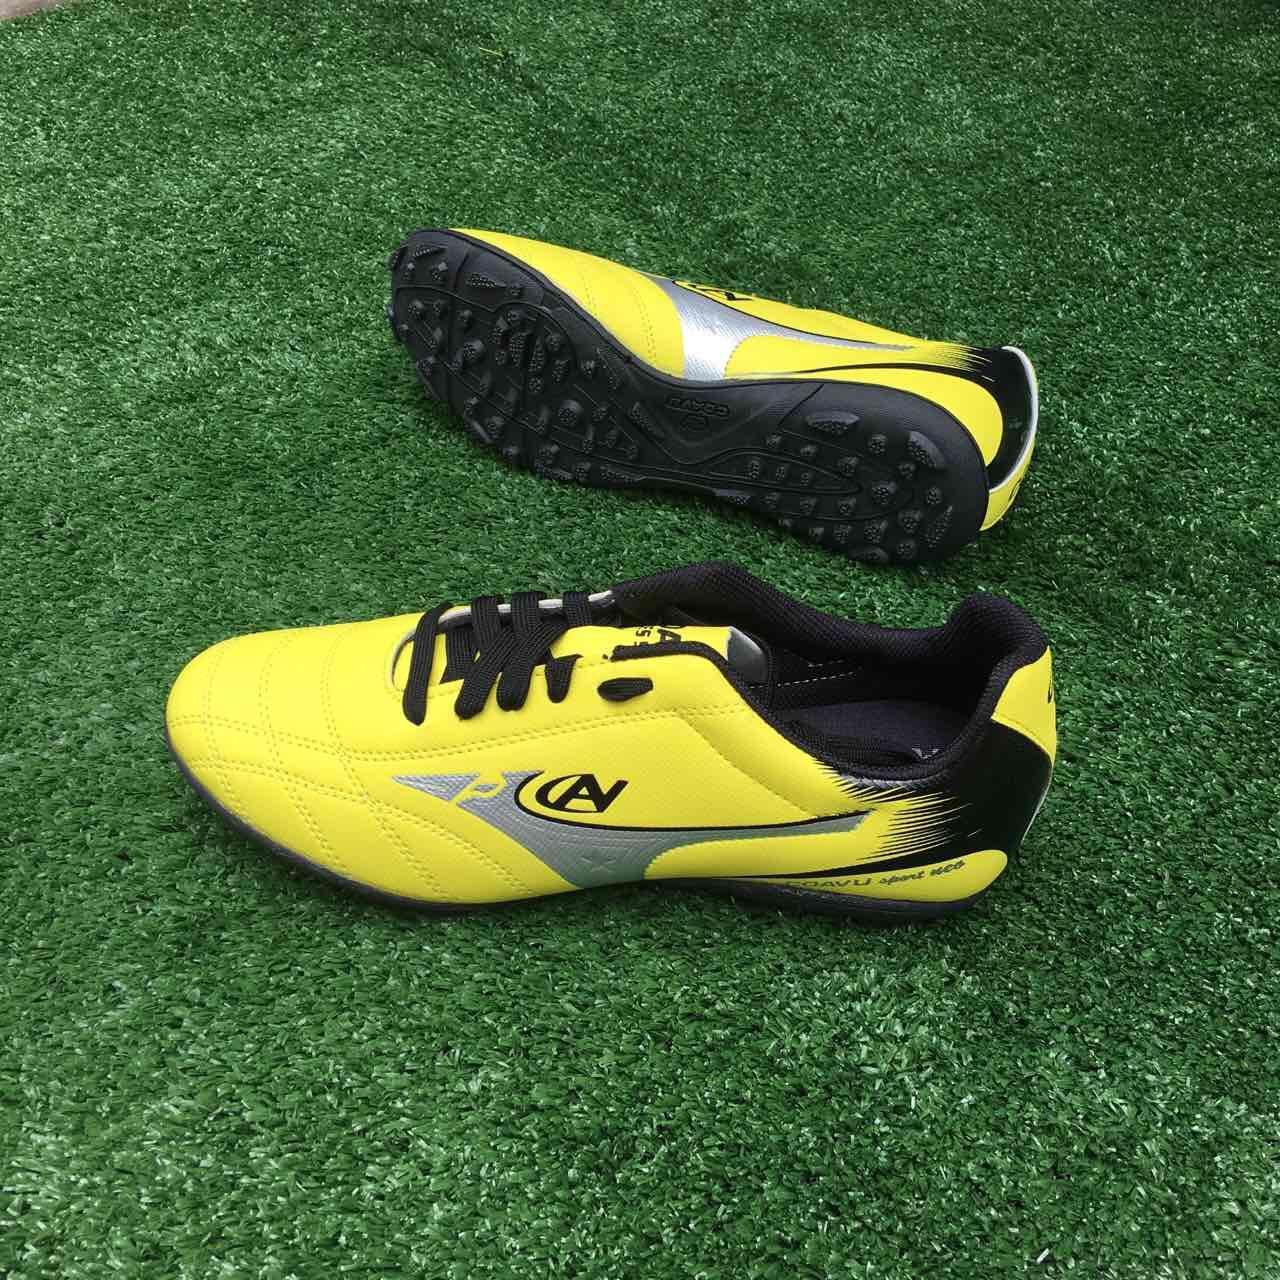 Giày đá bóng giày đá banh sân cỏ nhân tạo coavu siêu bền Nhật Bản